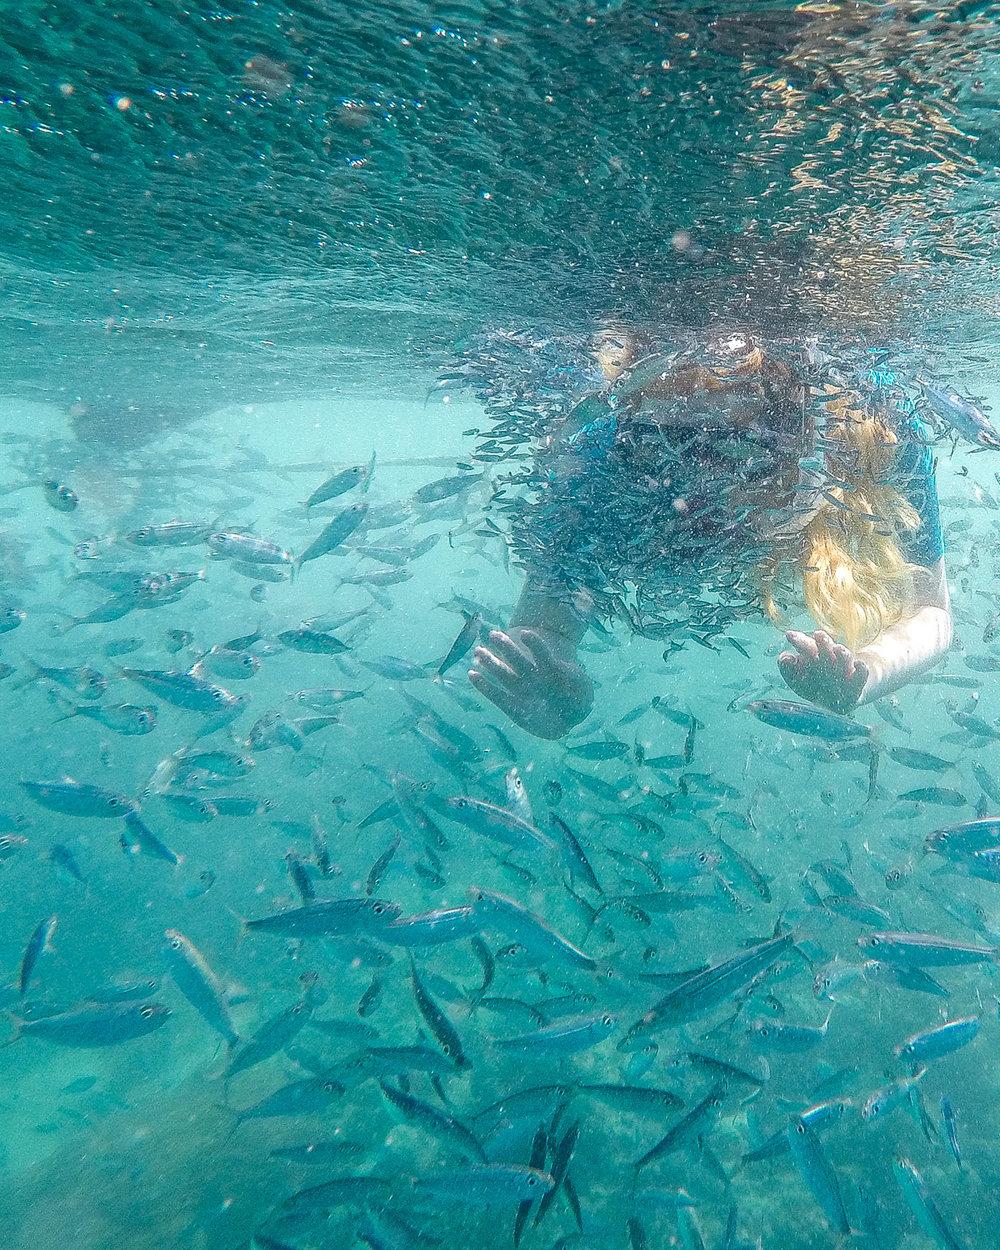 Philippines Itinerary - Sardine Run in Moalboal